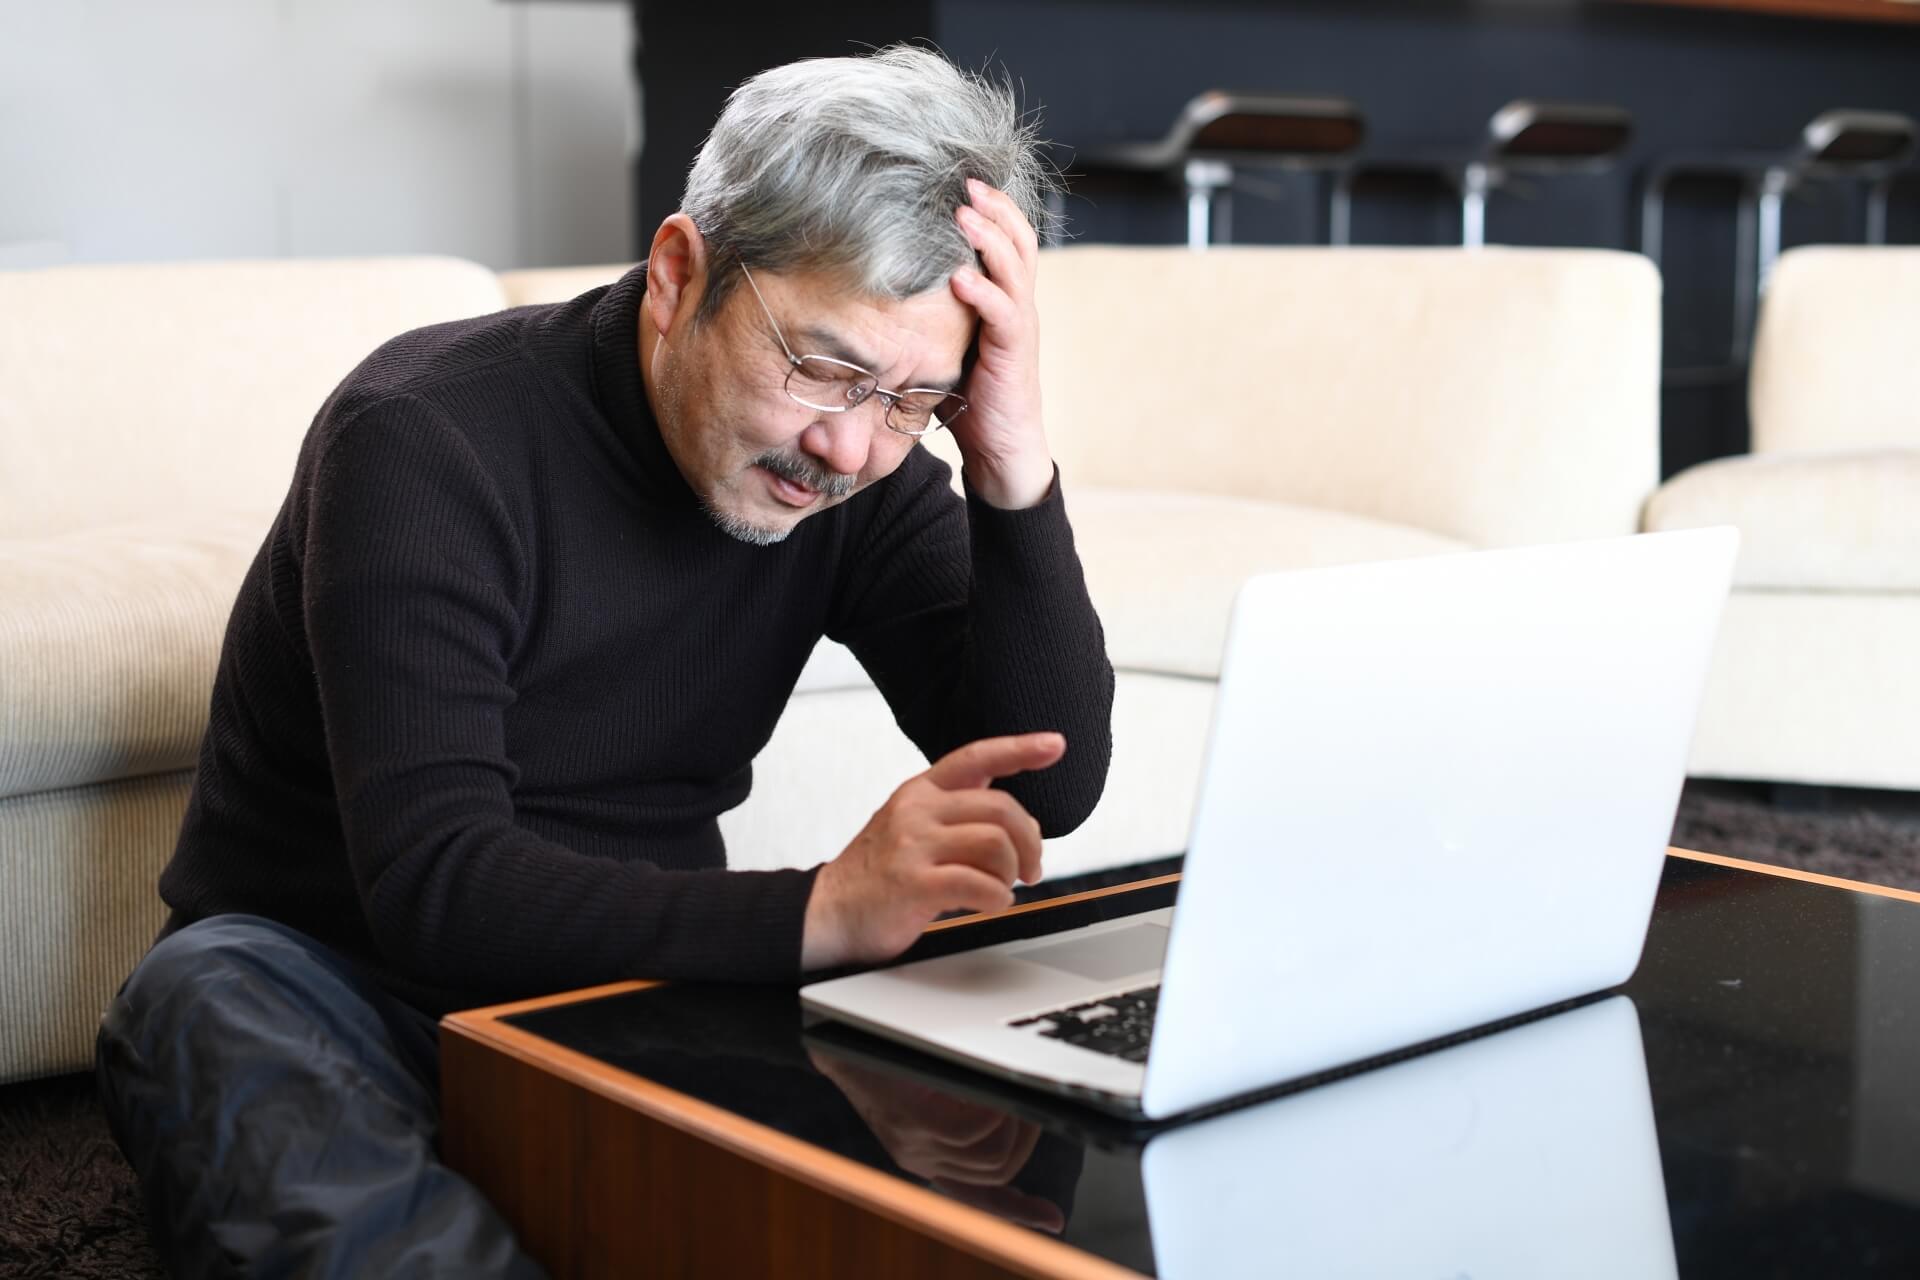 パソコンの前で悩む高齢者の男性